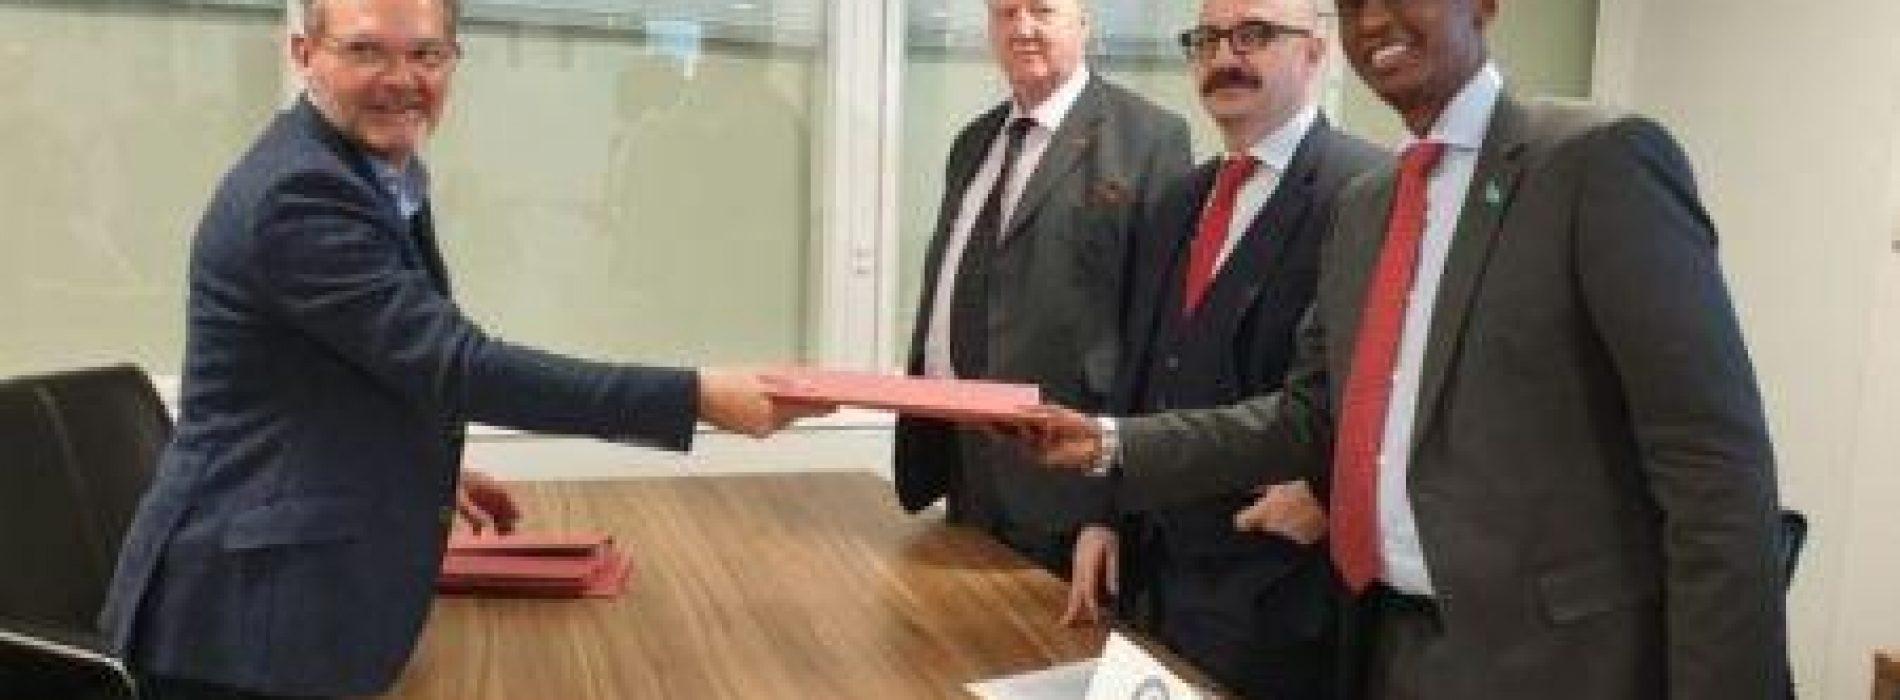 Somalia: un consorzio anglo-turco firma un accordo per la costruzione e la gestione del porto di Hobyo